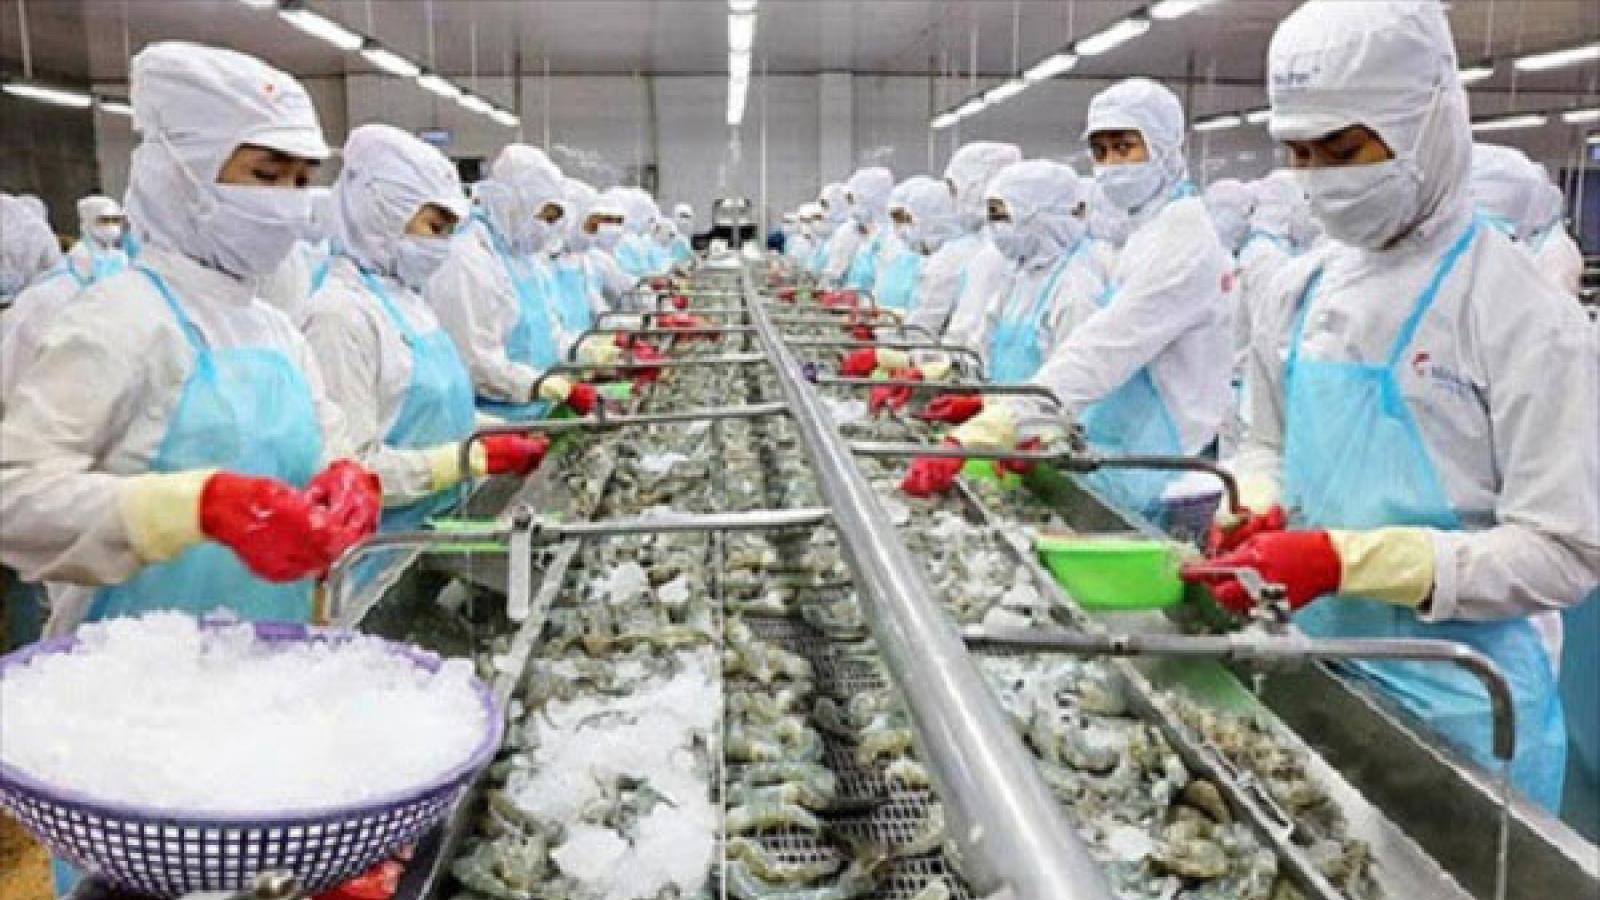 Xuất khẩu tăng cao trong dịch: Nỗ lực tăng trưởng từ nhiều ngành hàng